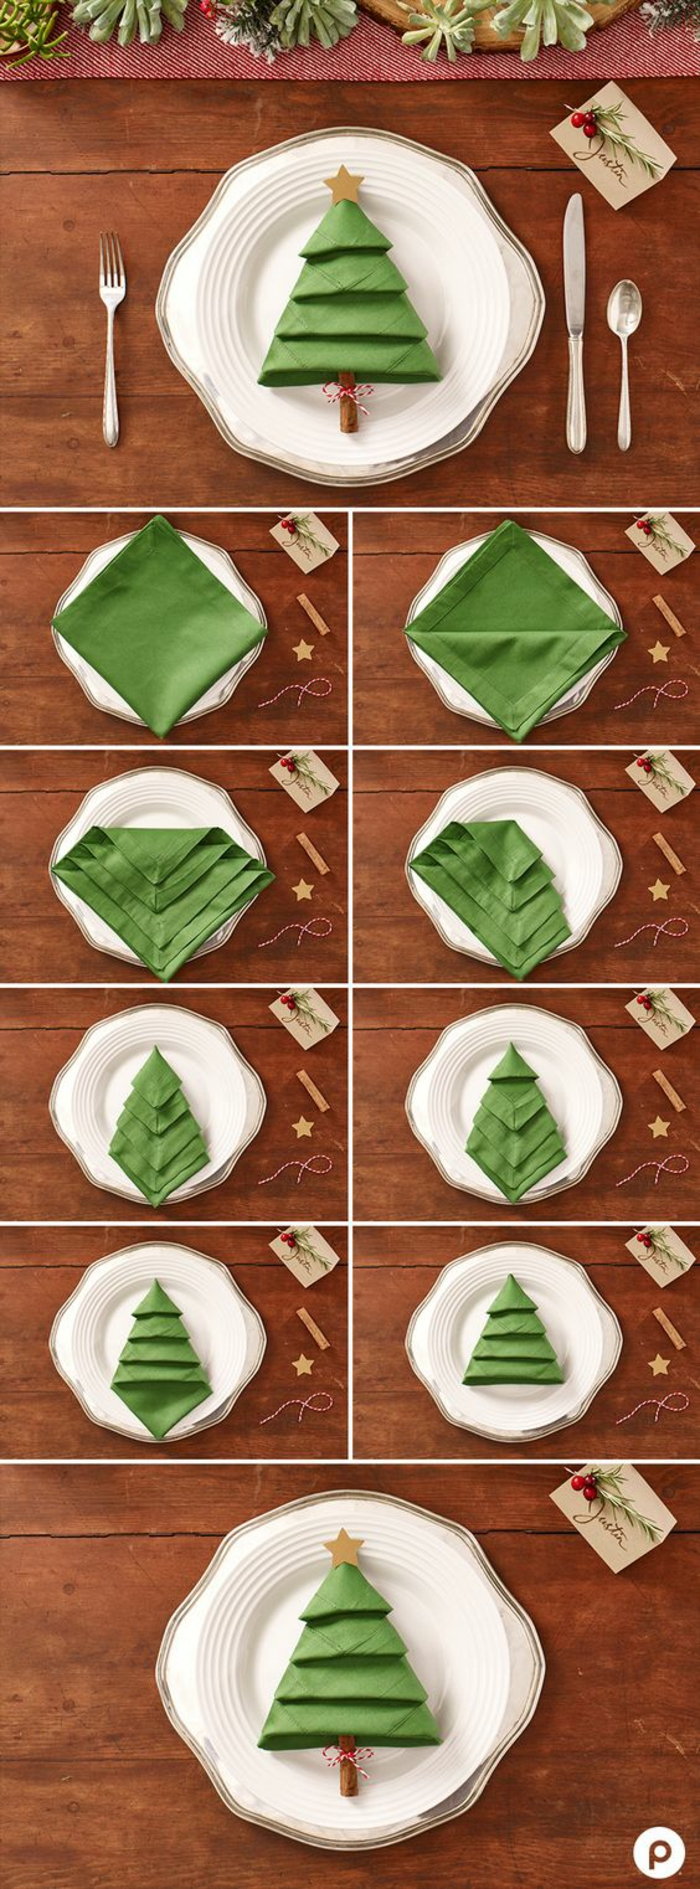 deco de noel a faire soi meme pliage de serviette en forme de sapin sur une assiette blanche d co de table facile et originale